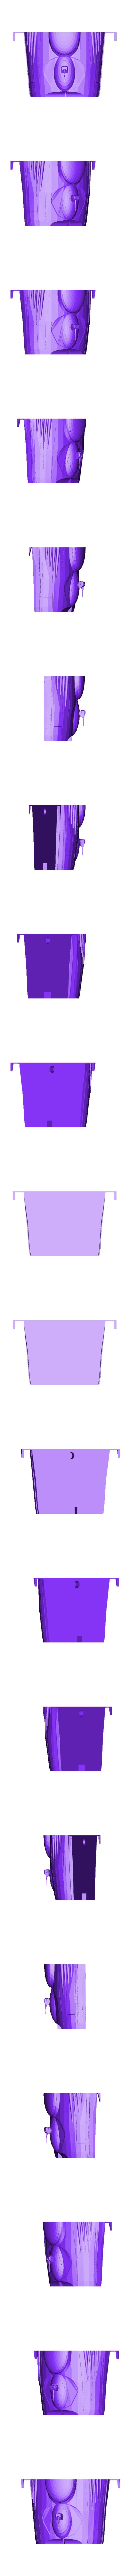 Front_TopAA.stl Télécharger fichier STL gratuit Frégate Nebulon B (coupée et sectionnée) • Modèle pour impression 3D, Masterkookus